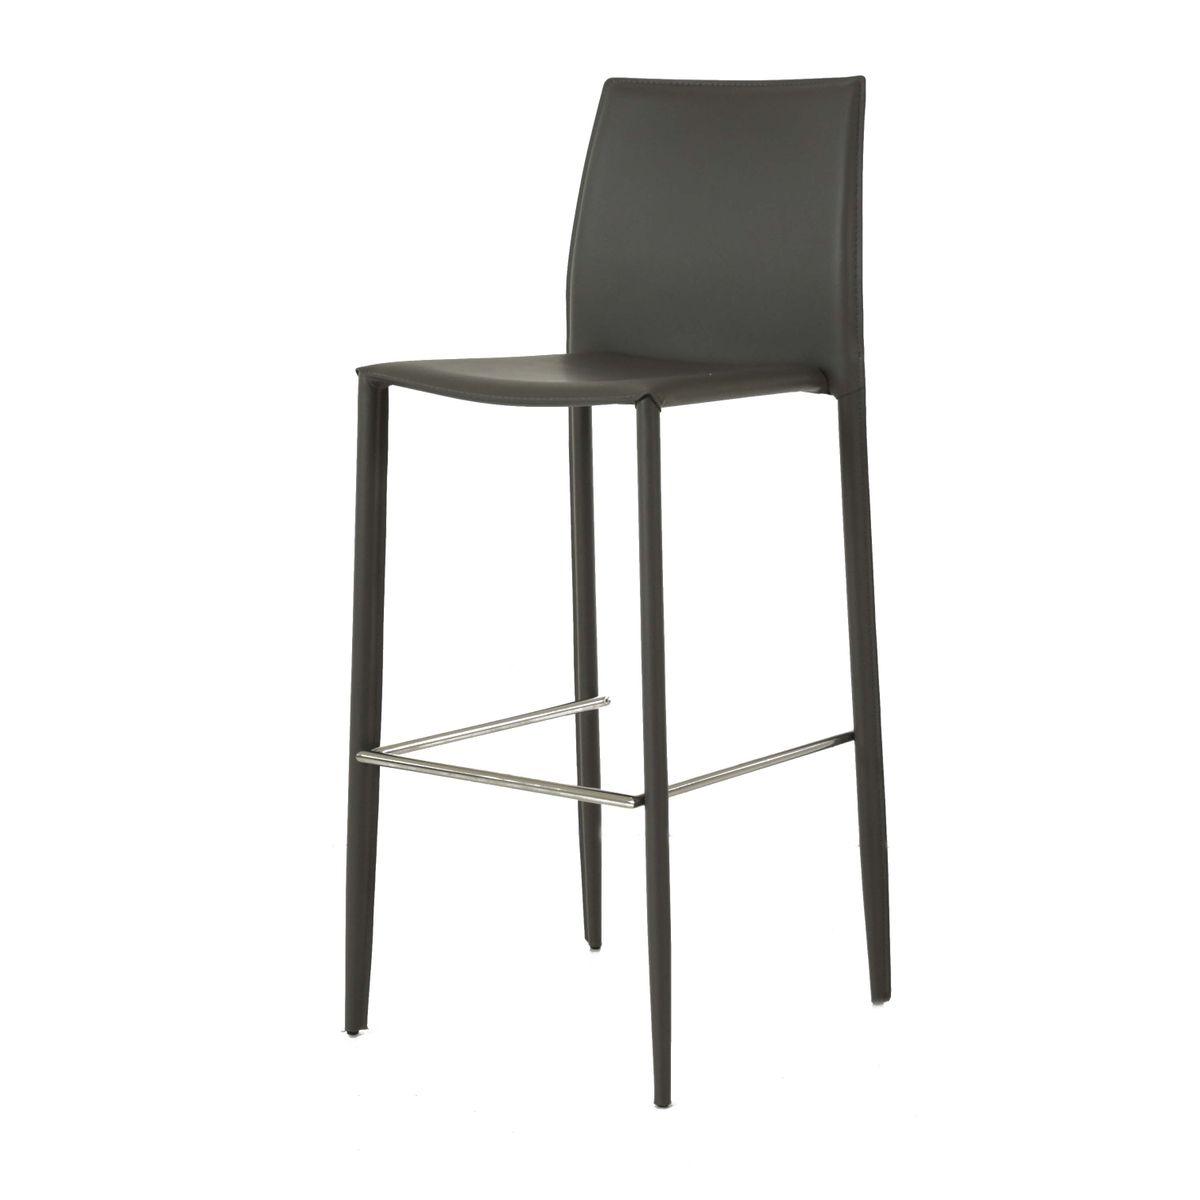 Chaise de bar design cuir reconstitué